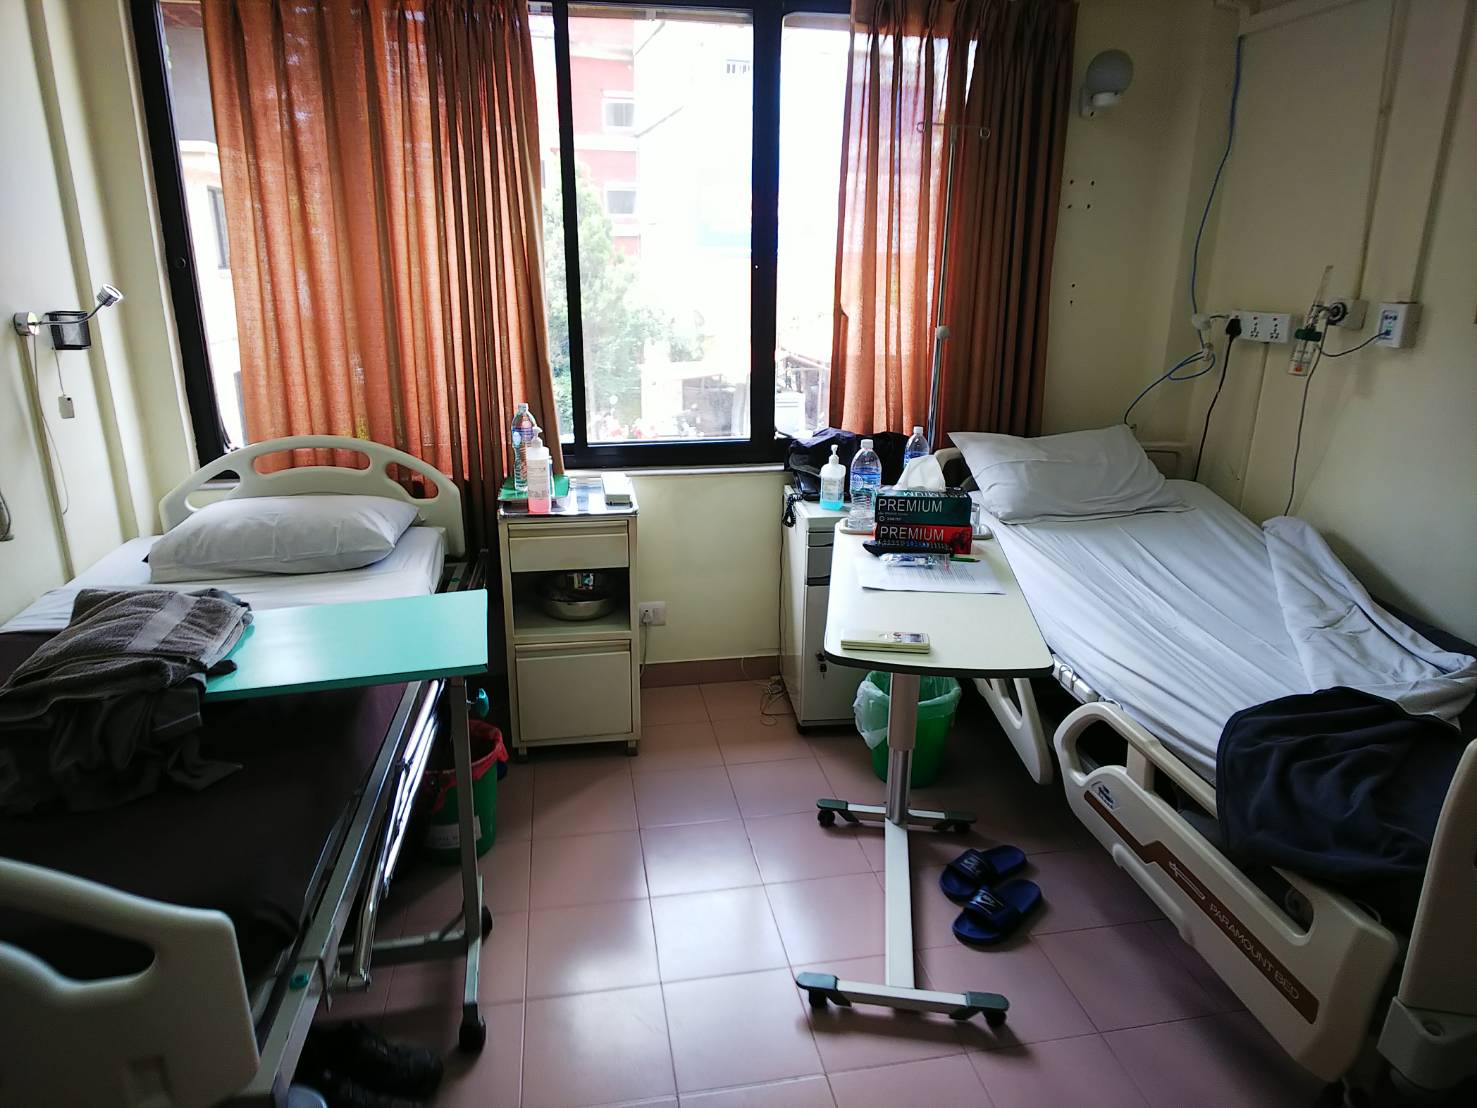 ネパールの総合病院CIWEC Hospitalで実際に受診した感想!